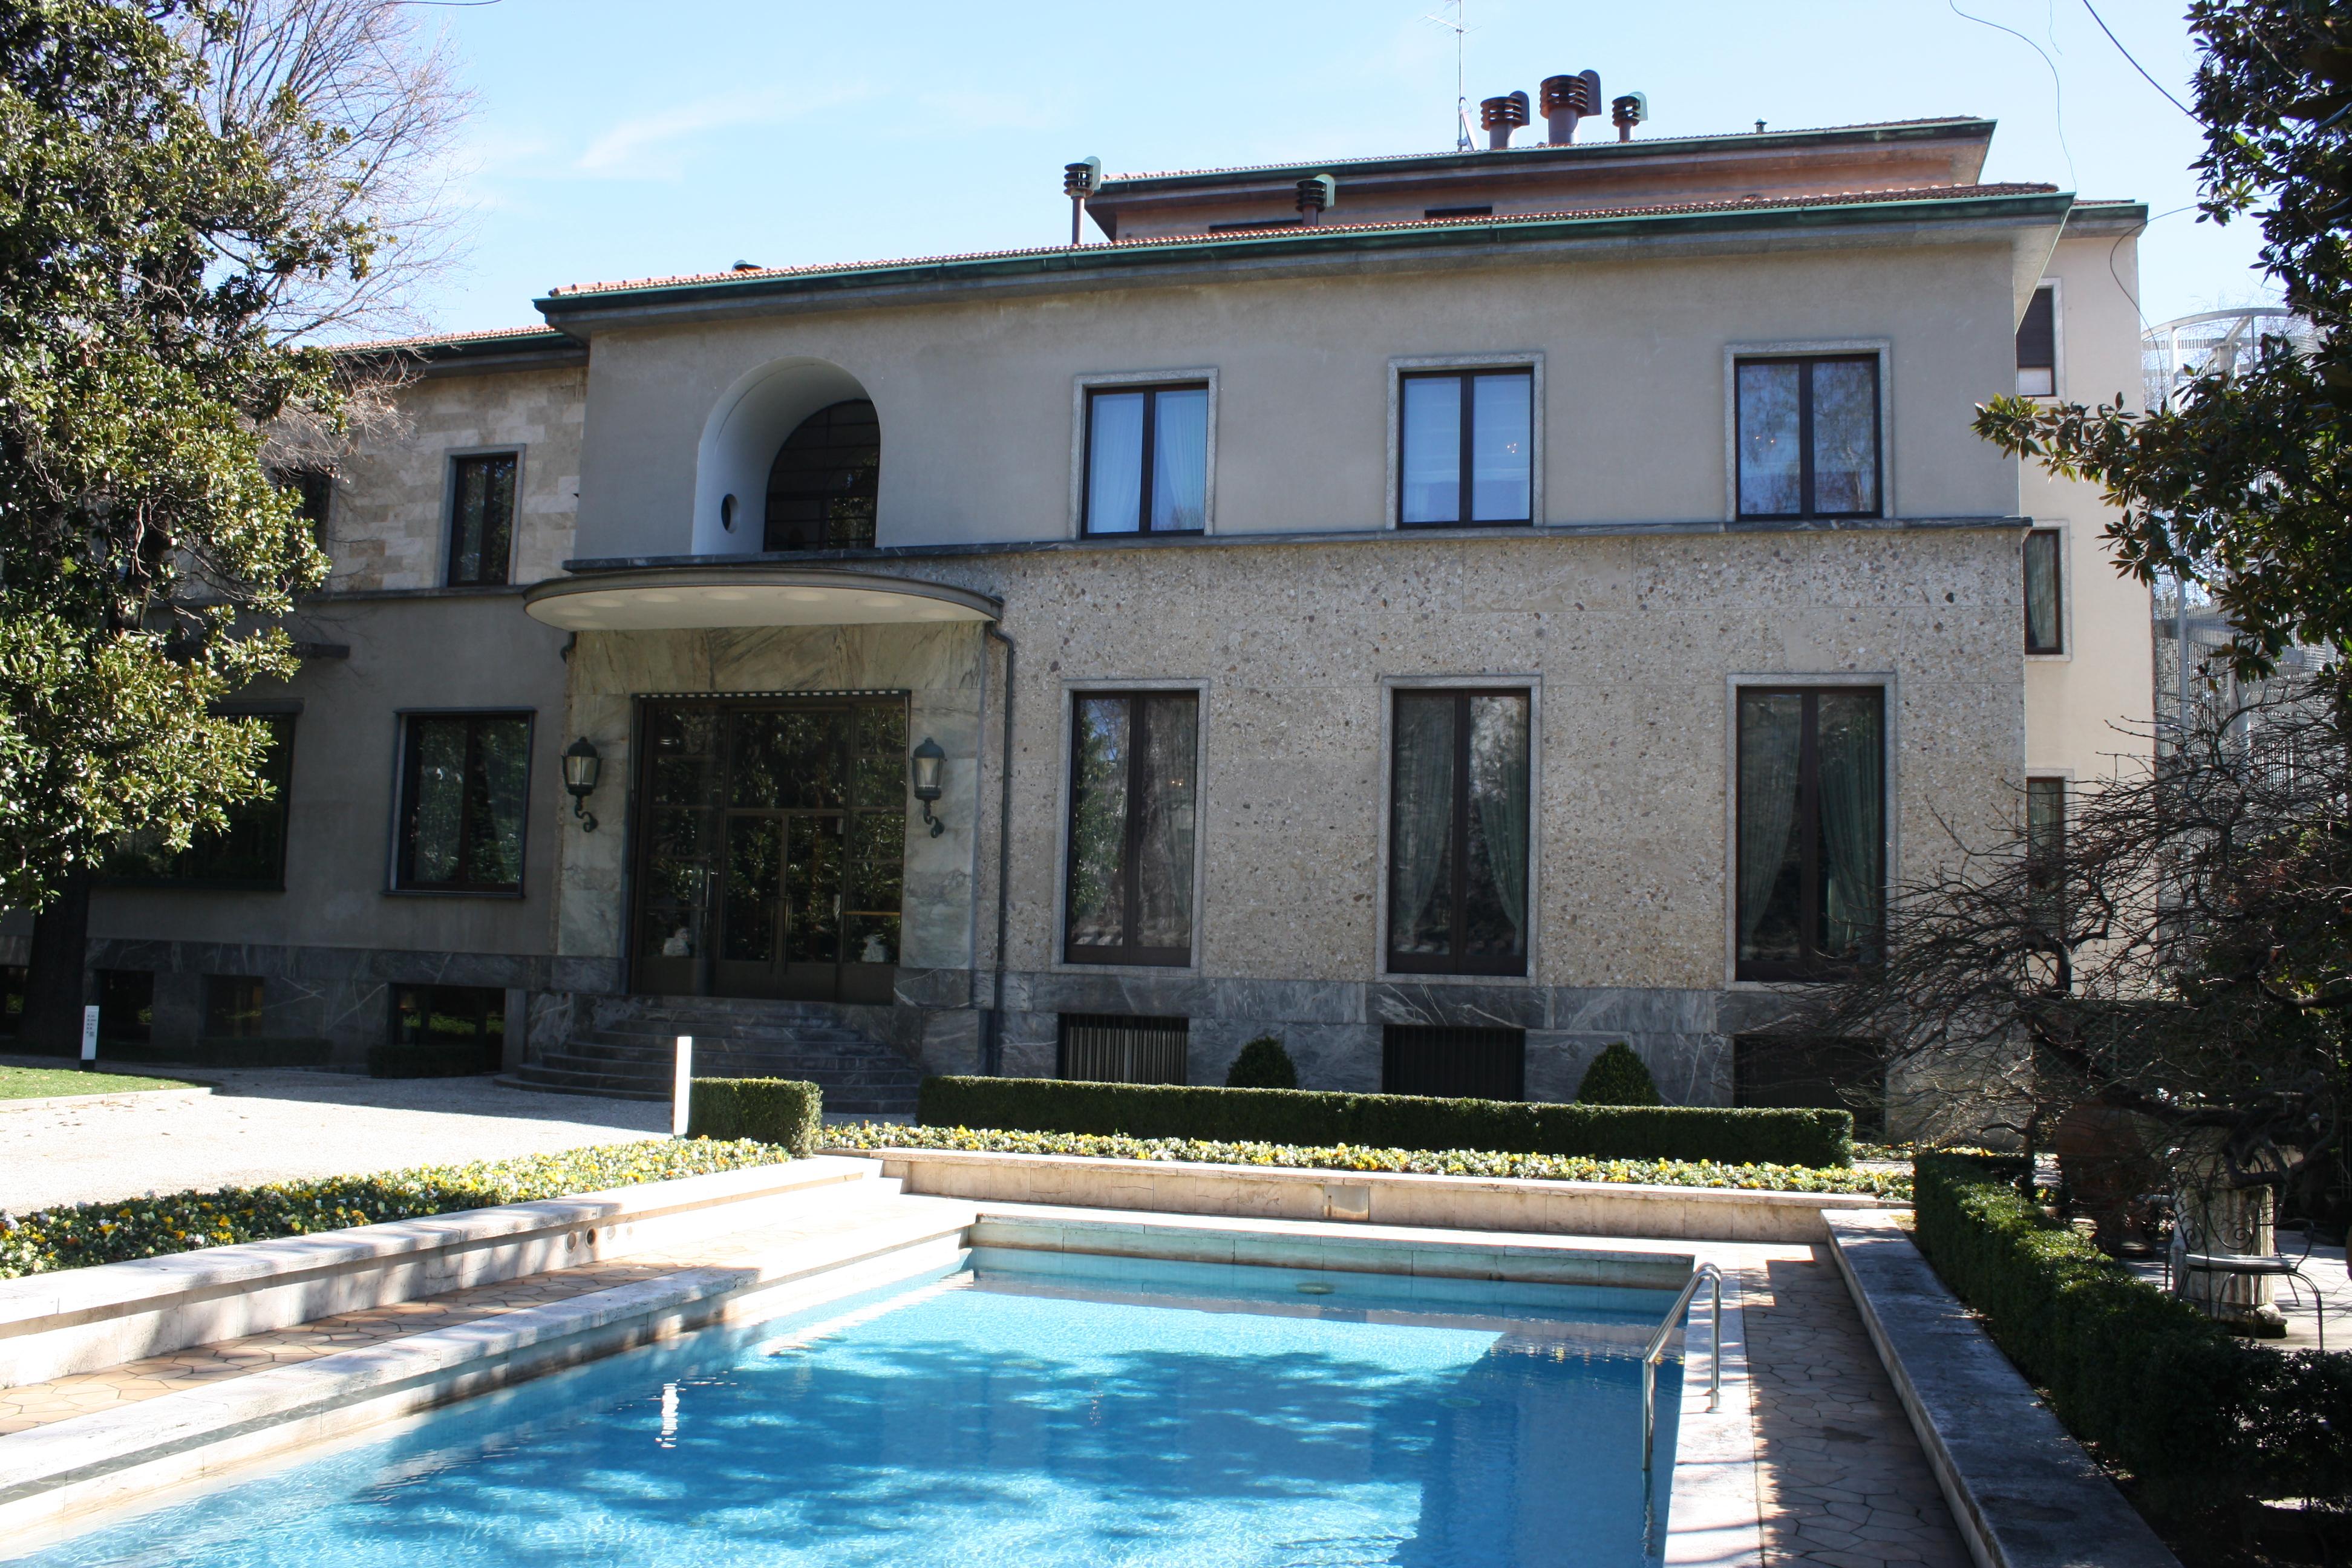 Villa necchi campiglio milano su itmap for Villa necchi campiglio milano